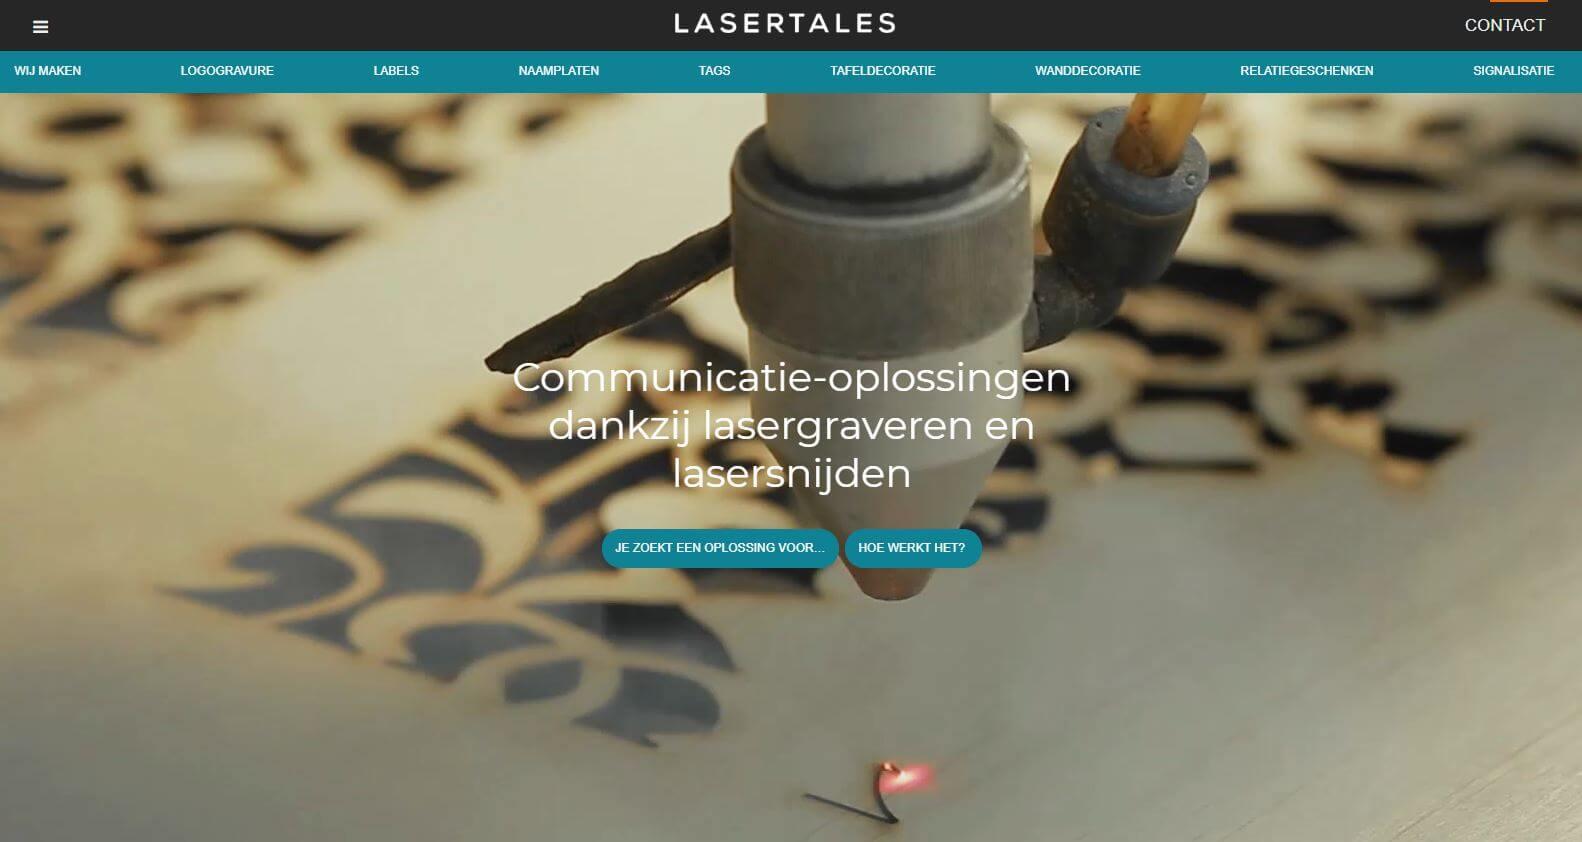 Laser-Tales-Grafisch-ontwerp-voor-Lasersnijden-en-lasergraveren-Antwerpen